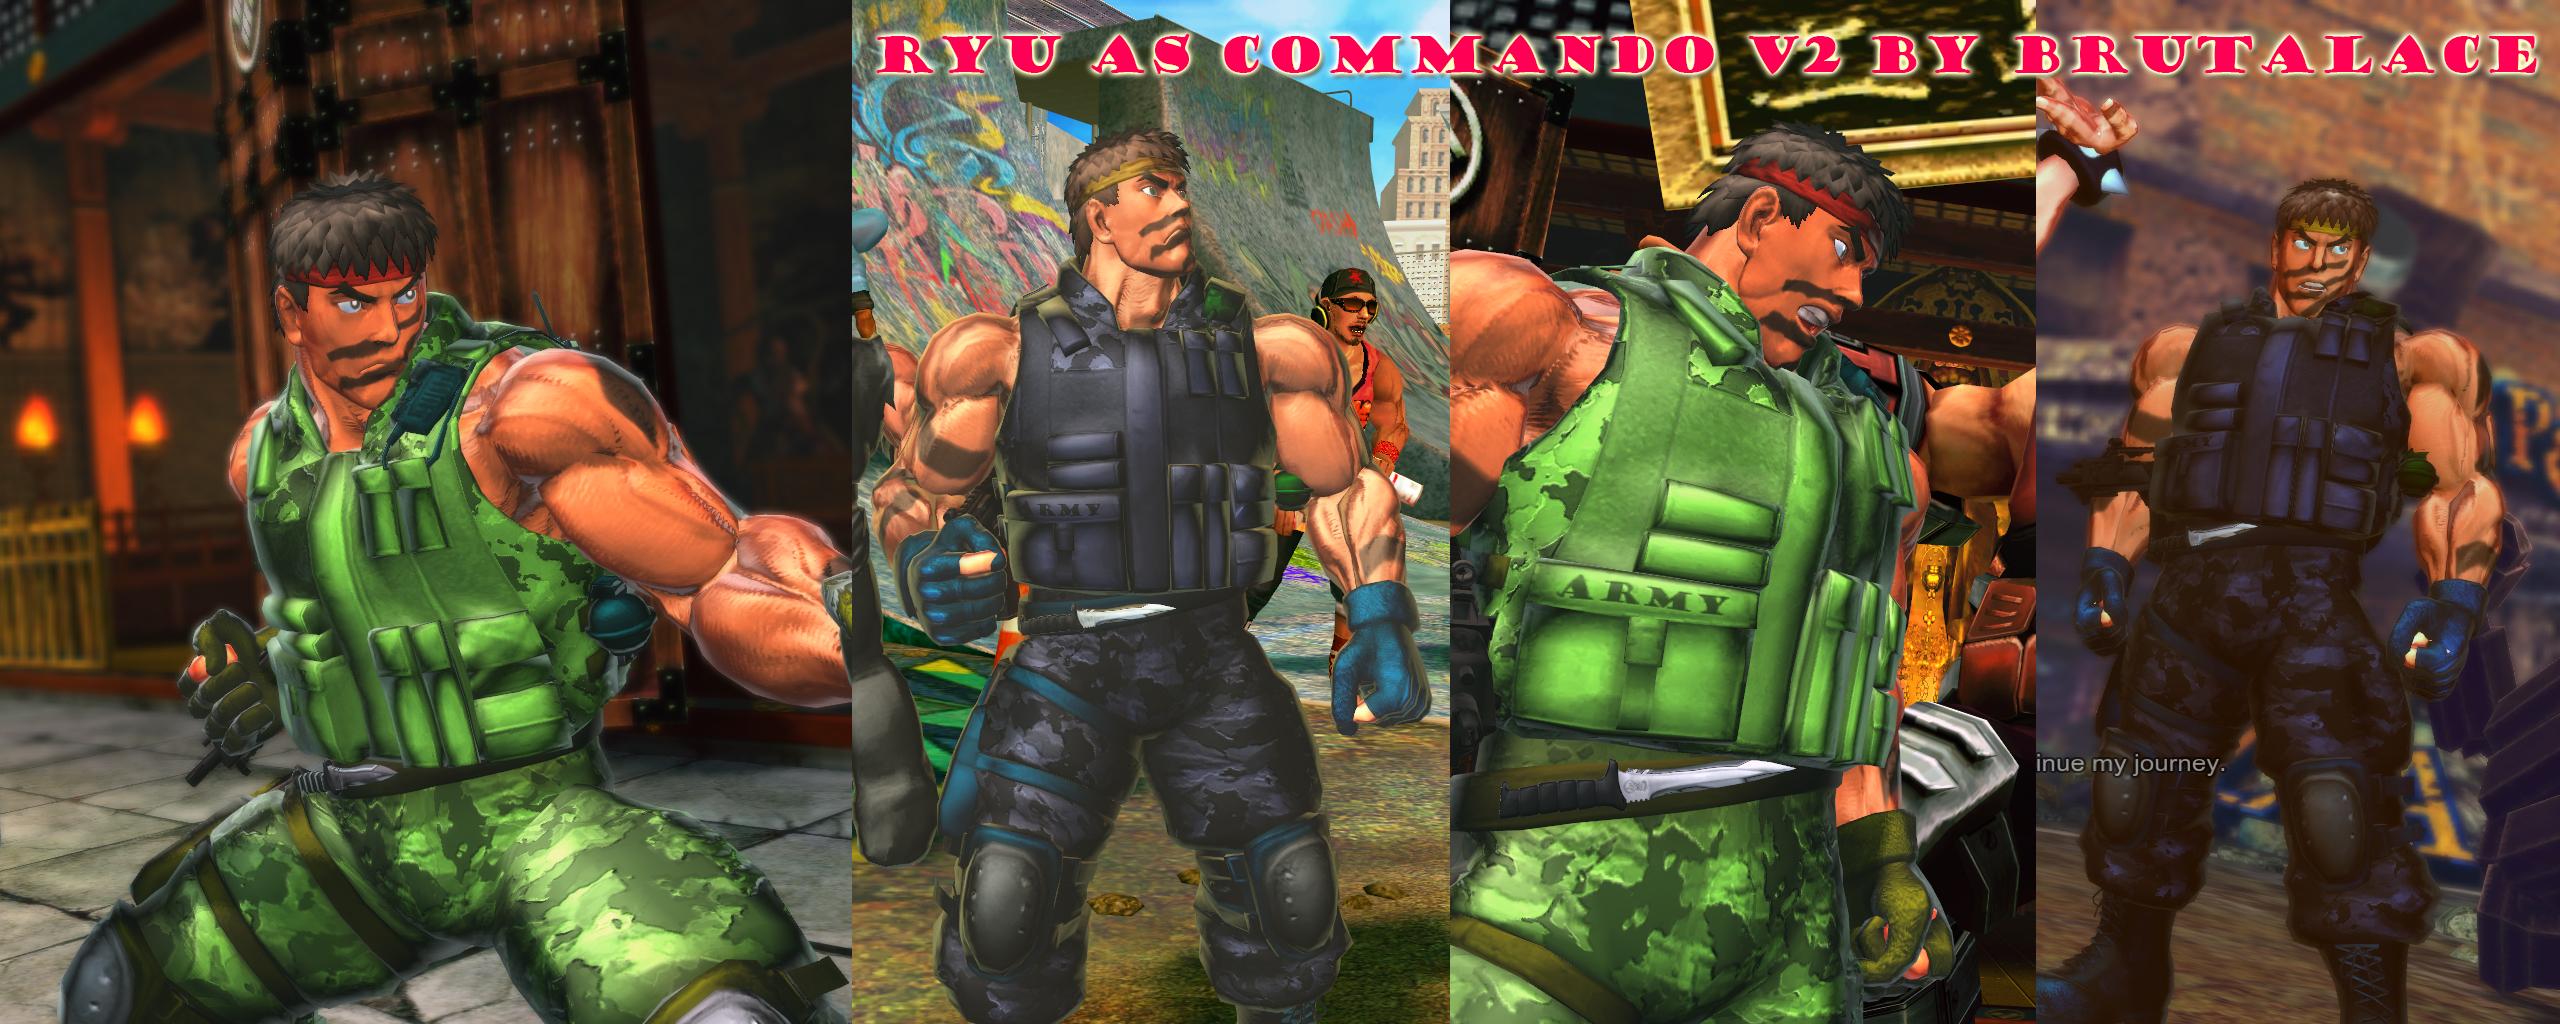 Ryu As Commando V2 by BrutalAce